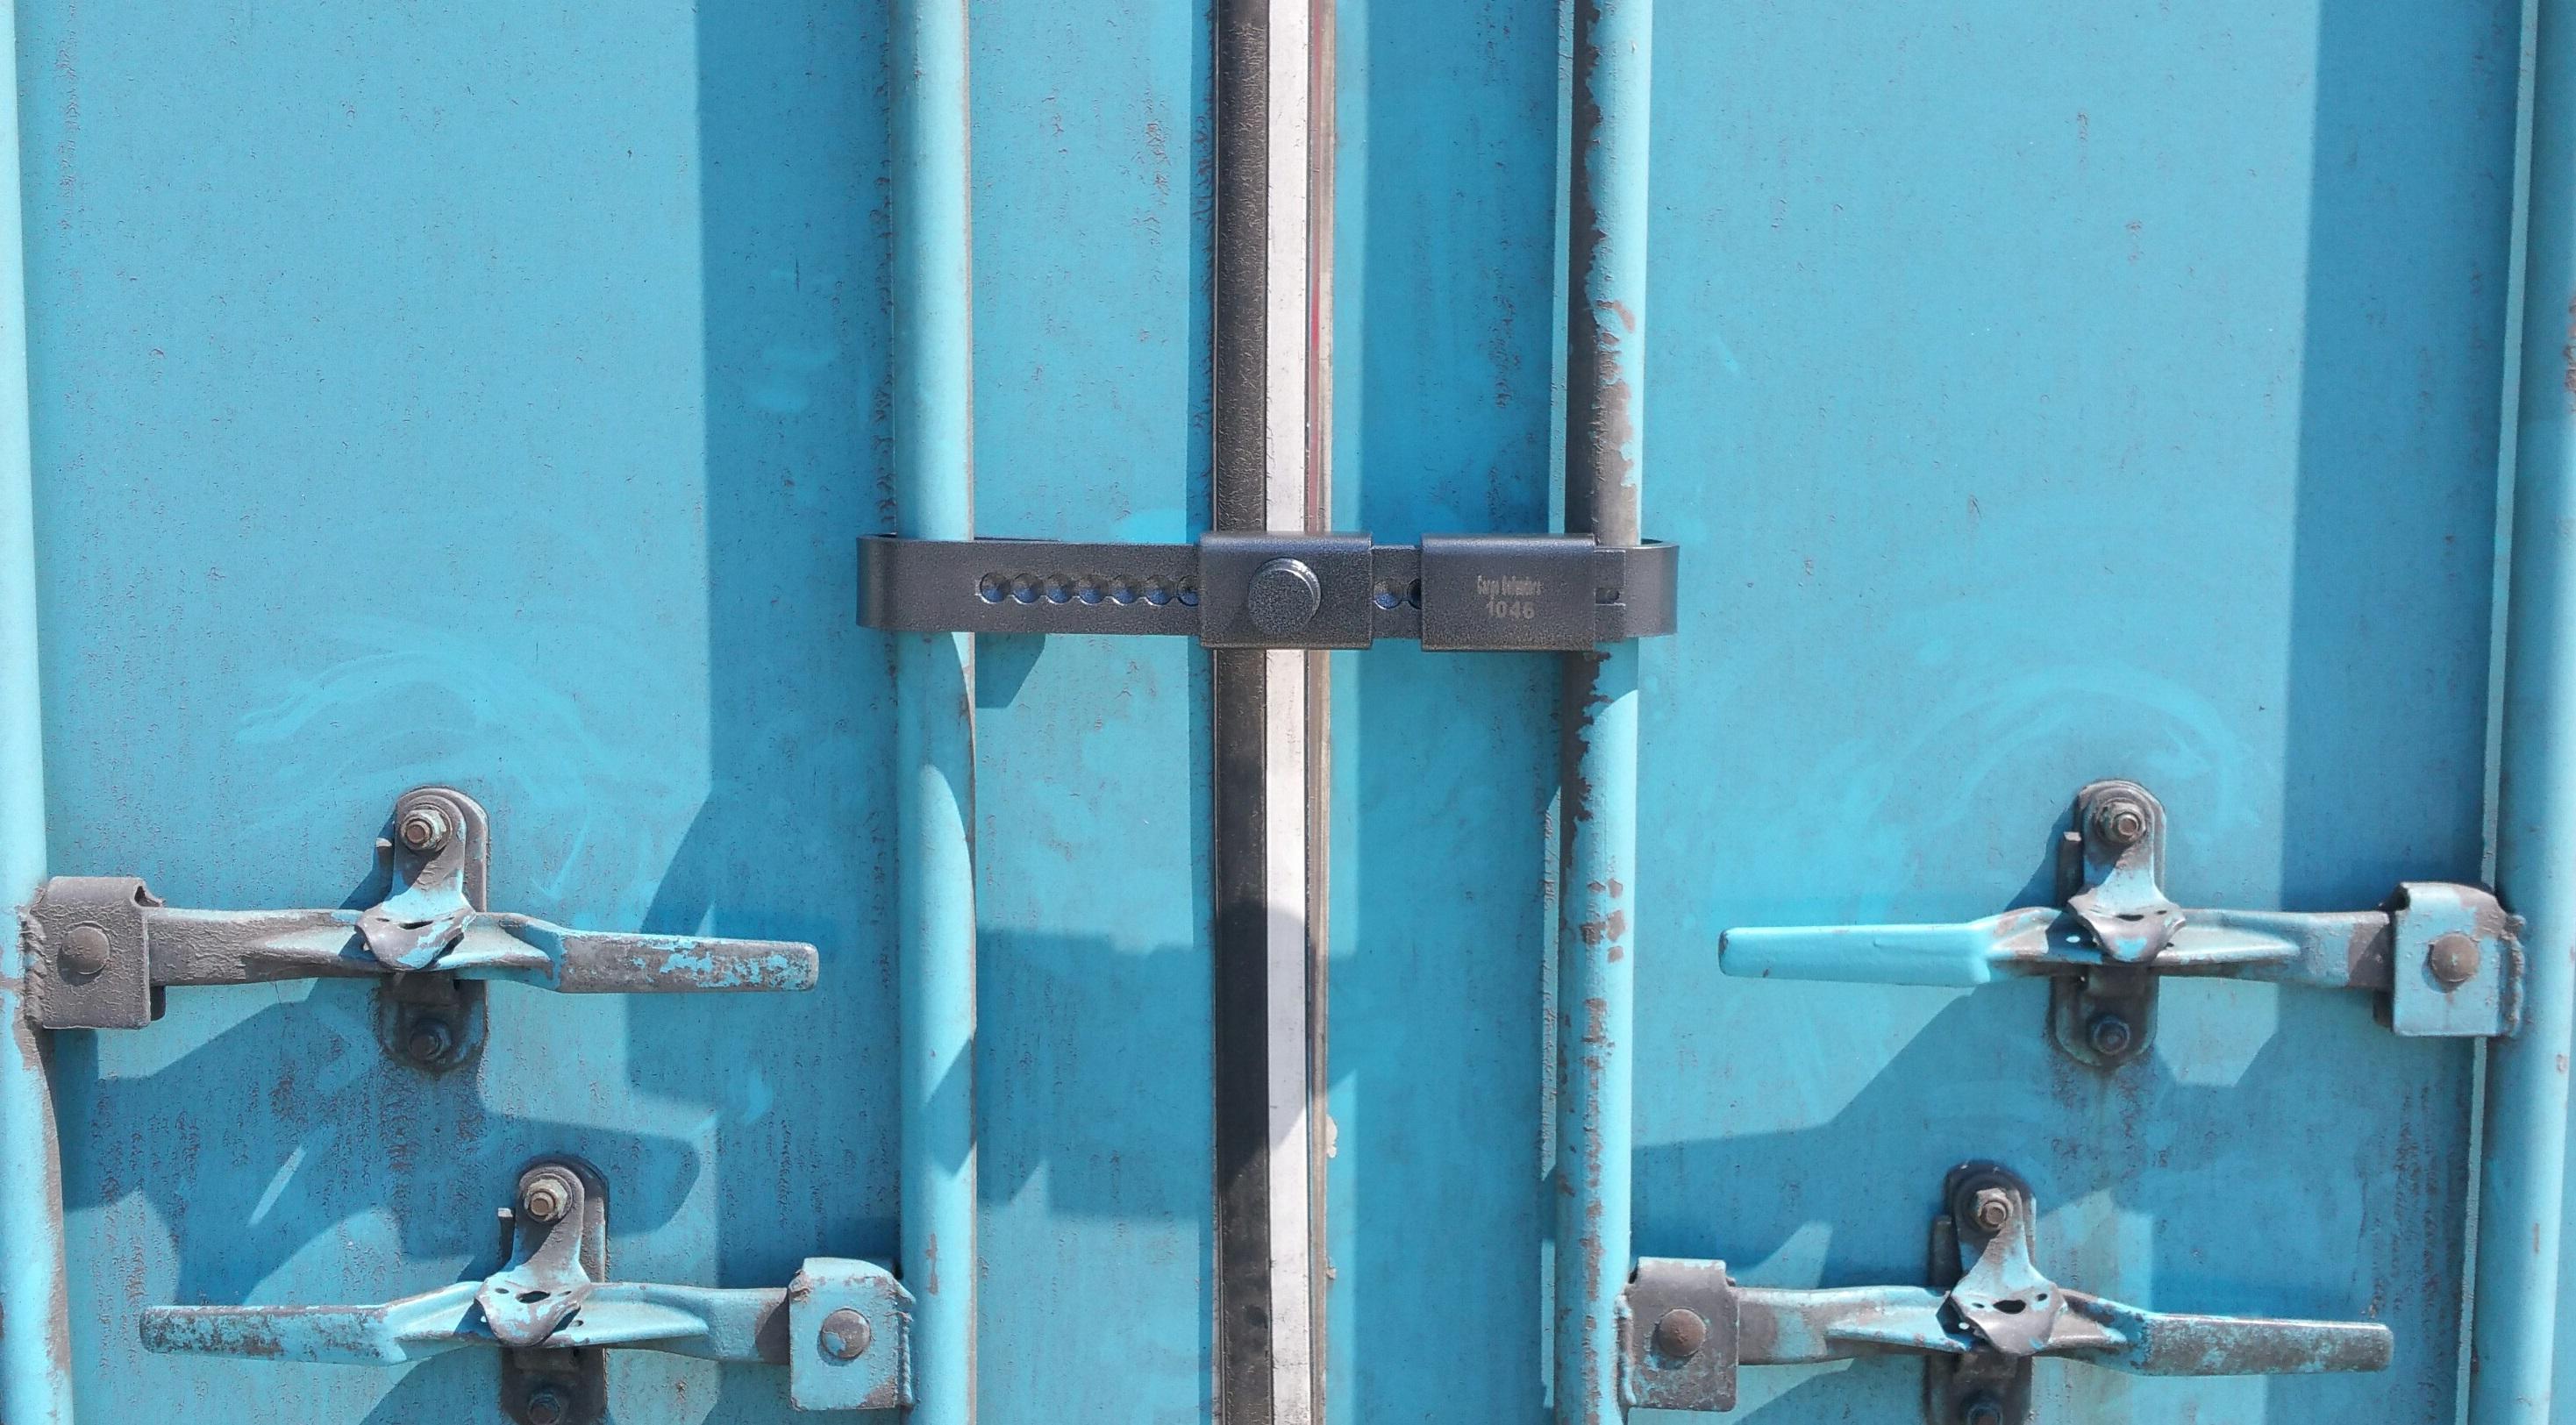 Heavy Duty Trailer Lock